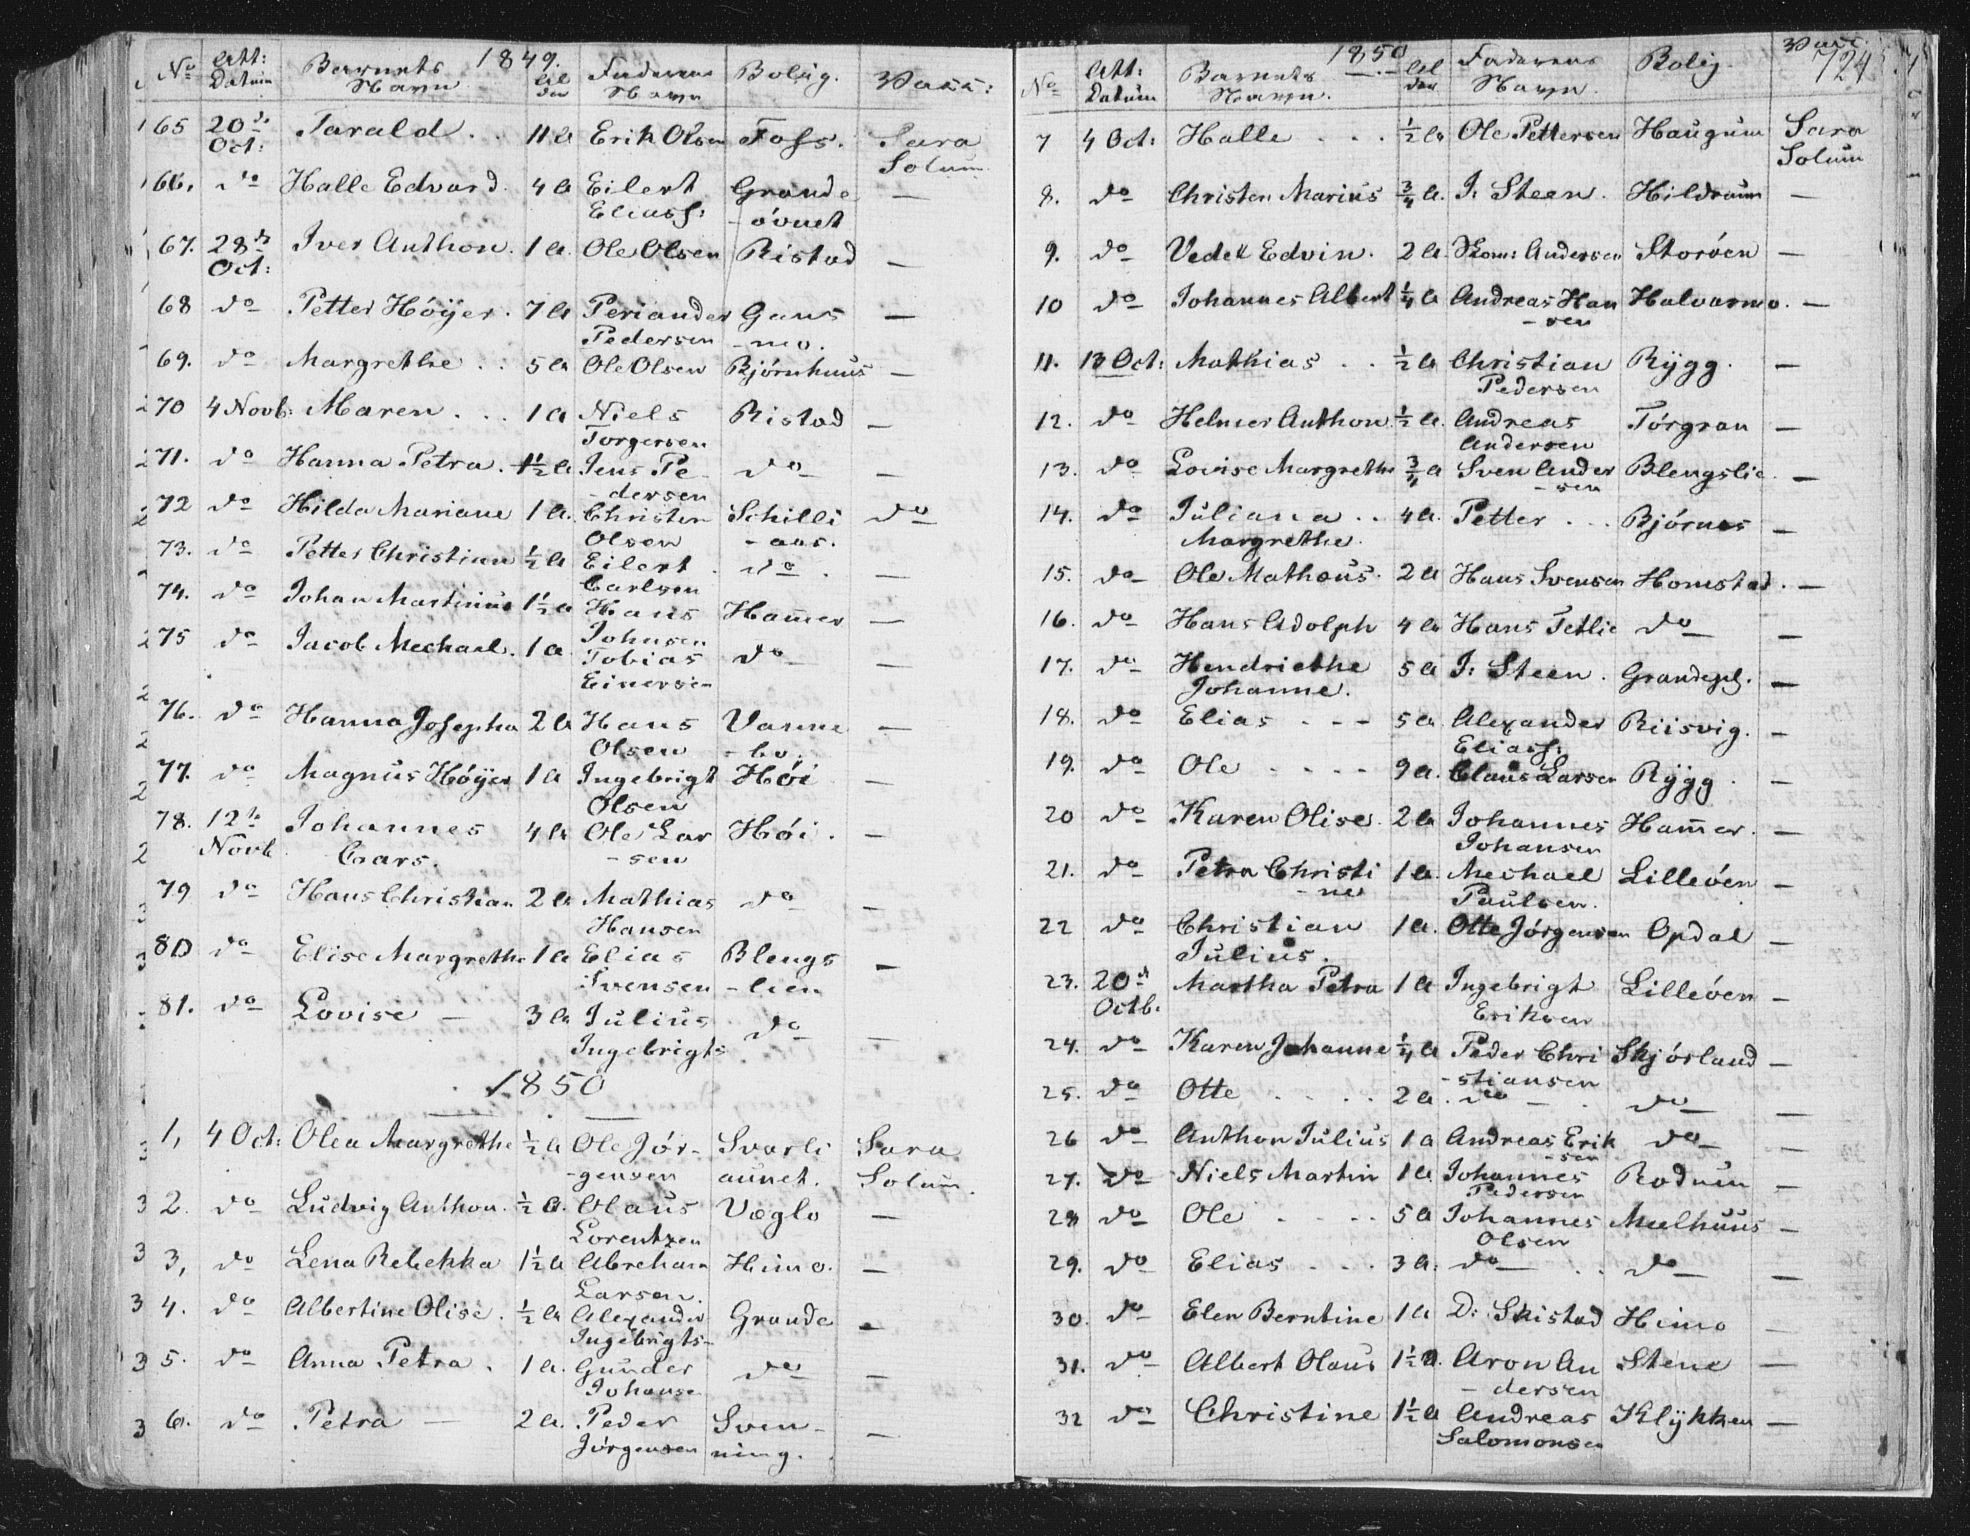 SAT, Ministerialprotokoller, klokkerbøker og fødselsregistre - Nord-Trøndelag, 764/L0552: Ministerialbok nr. 764A07b, 1824-1865, s. 724